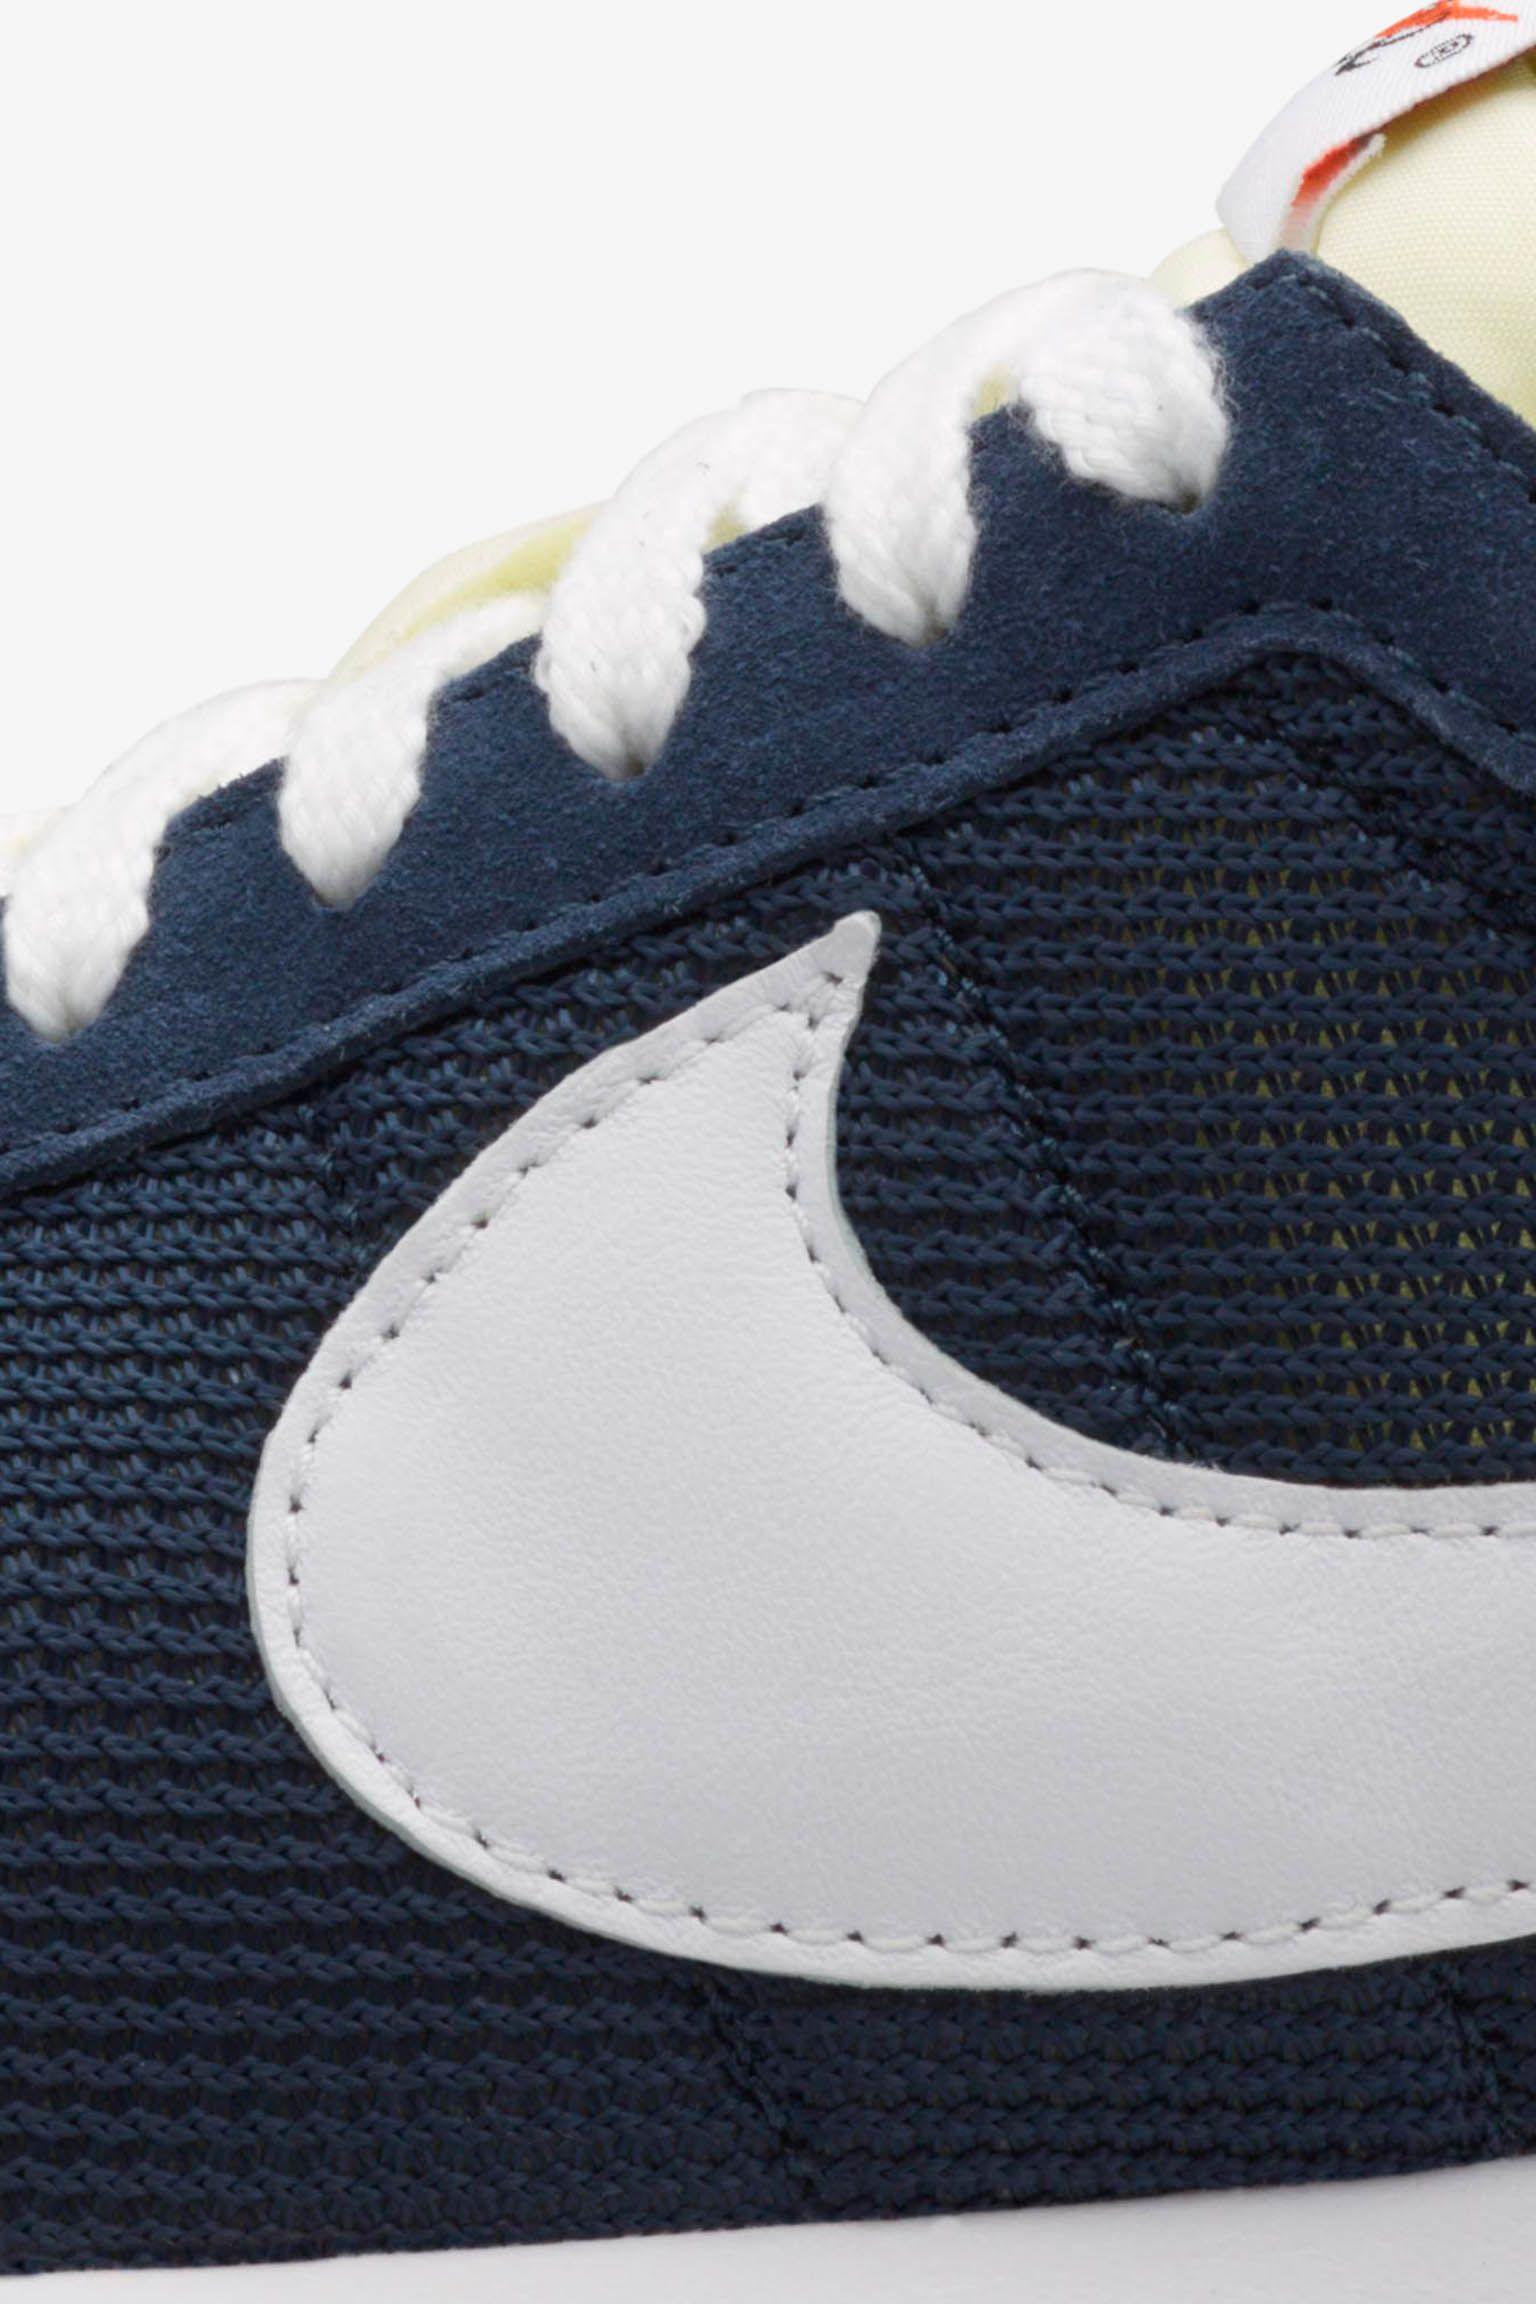 Nike Roshe LD-1000 'Obsidian'